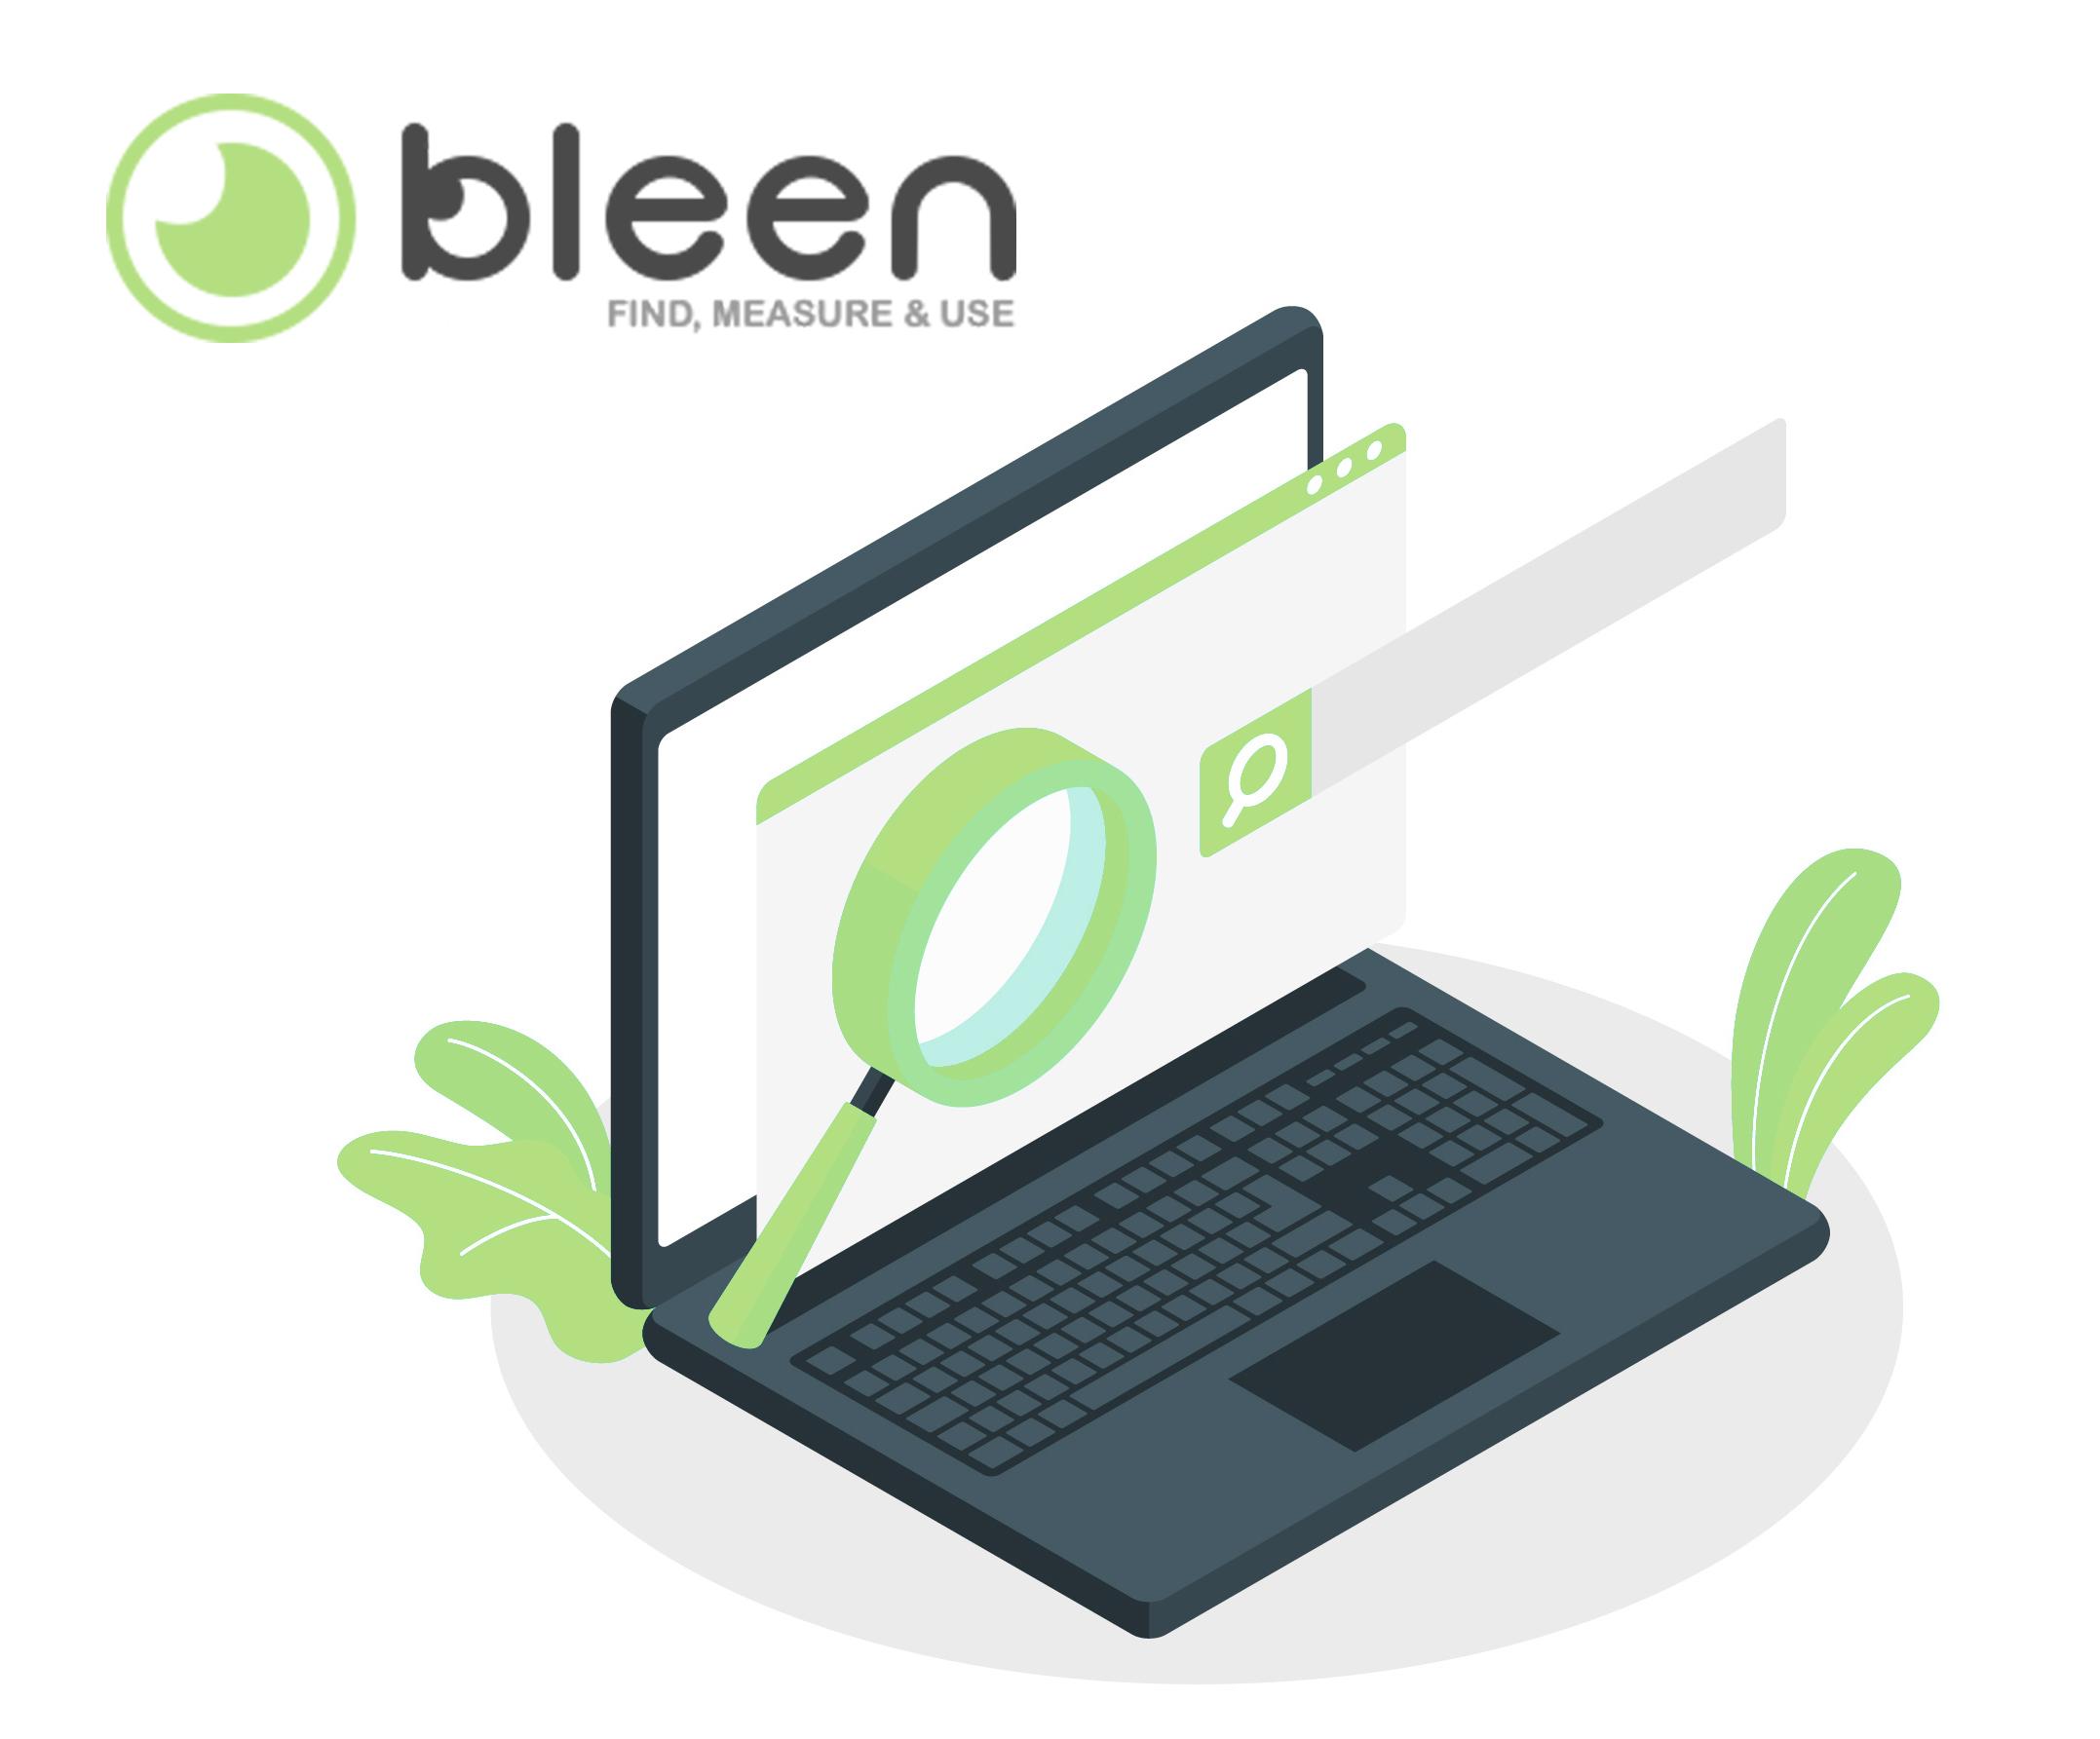 logo bleen-motore-di-ricerca-aziendale